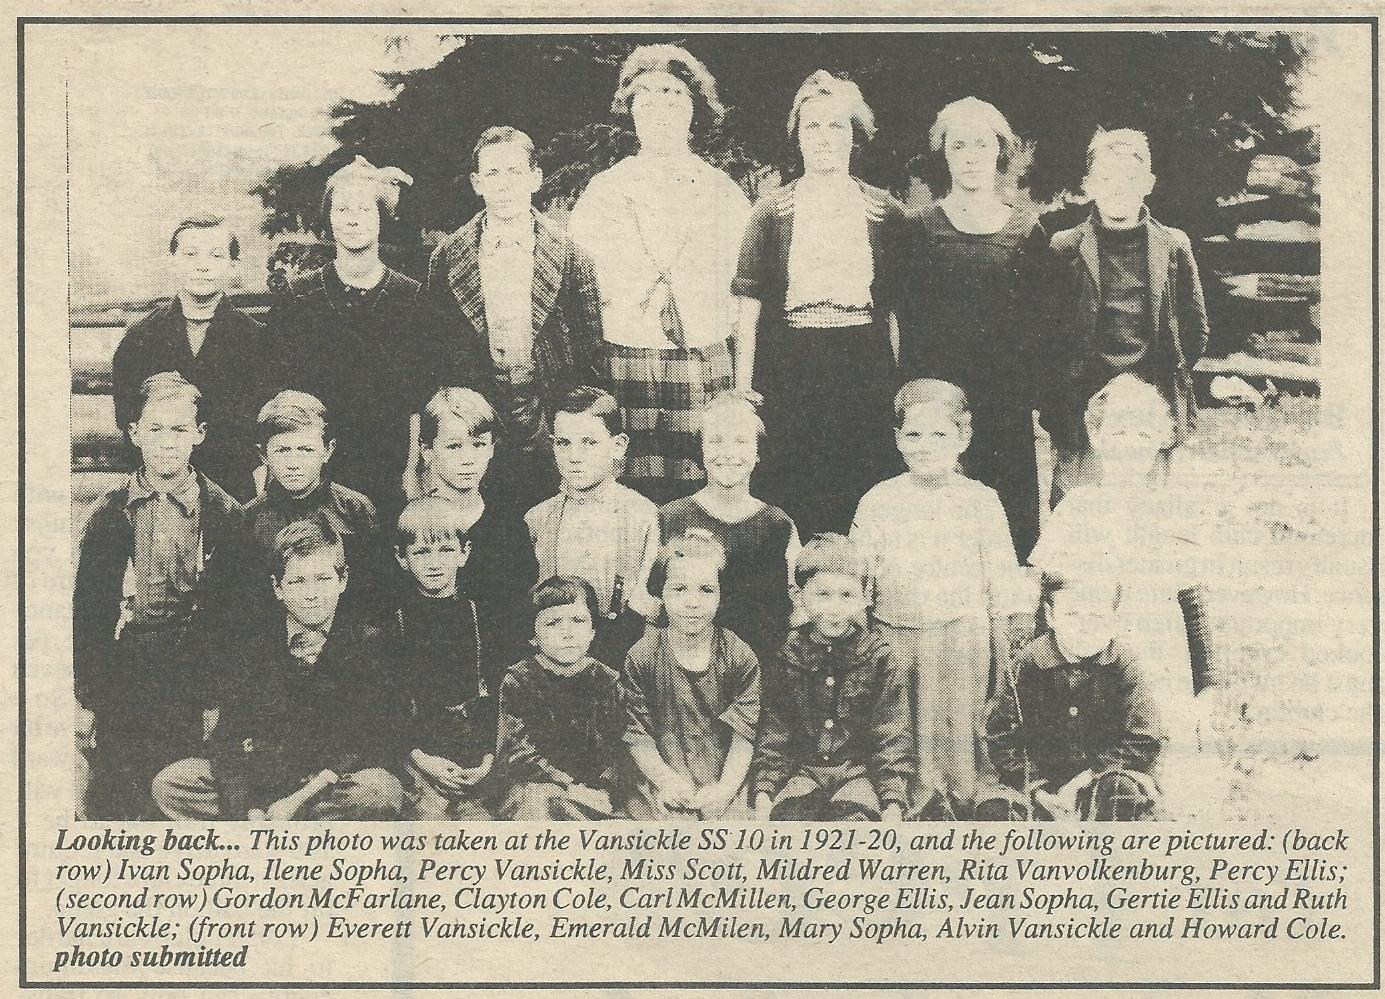 Vansickle School 1920-21